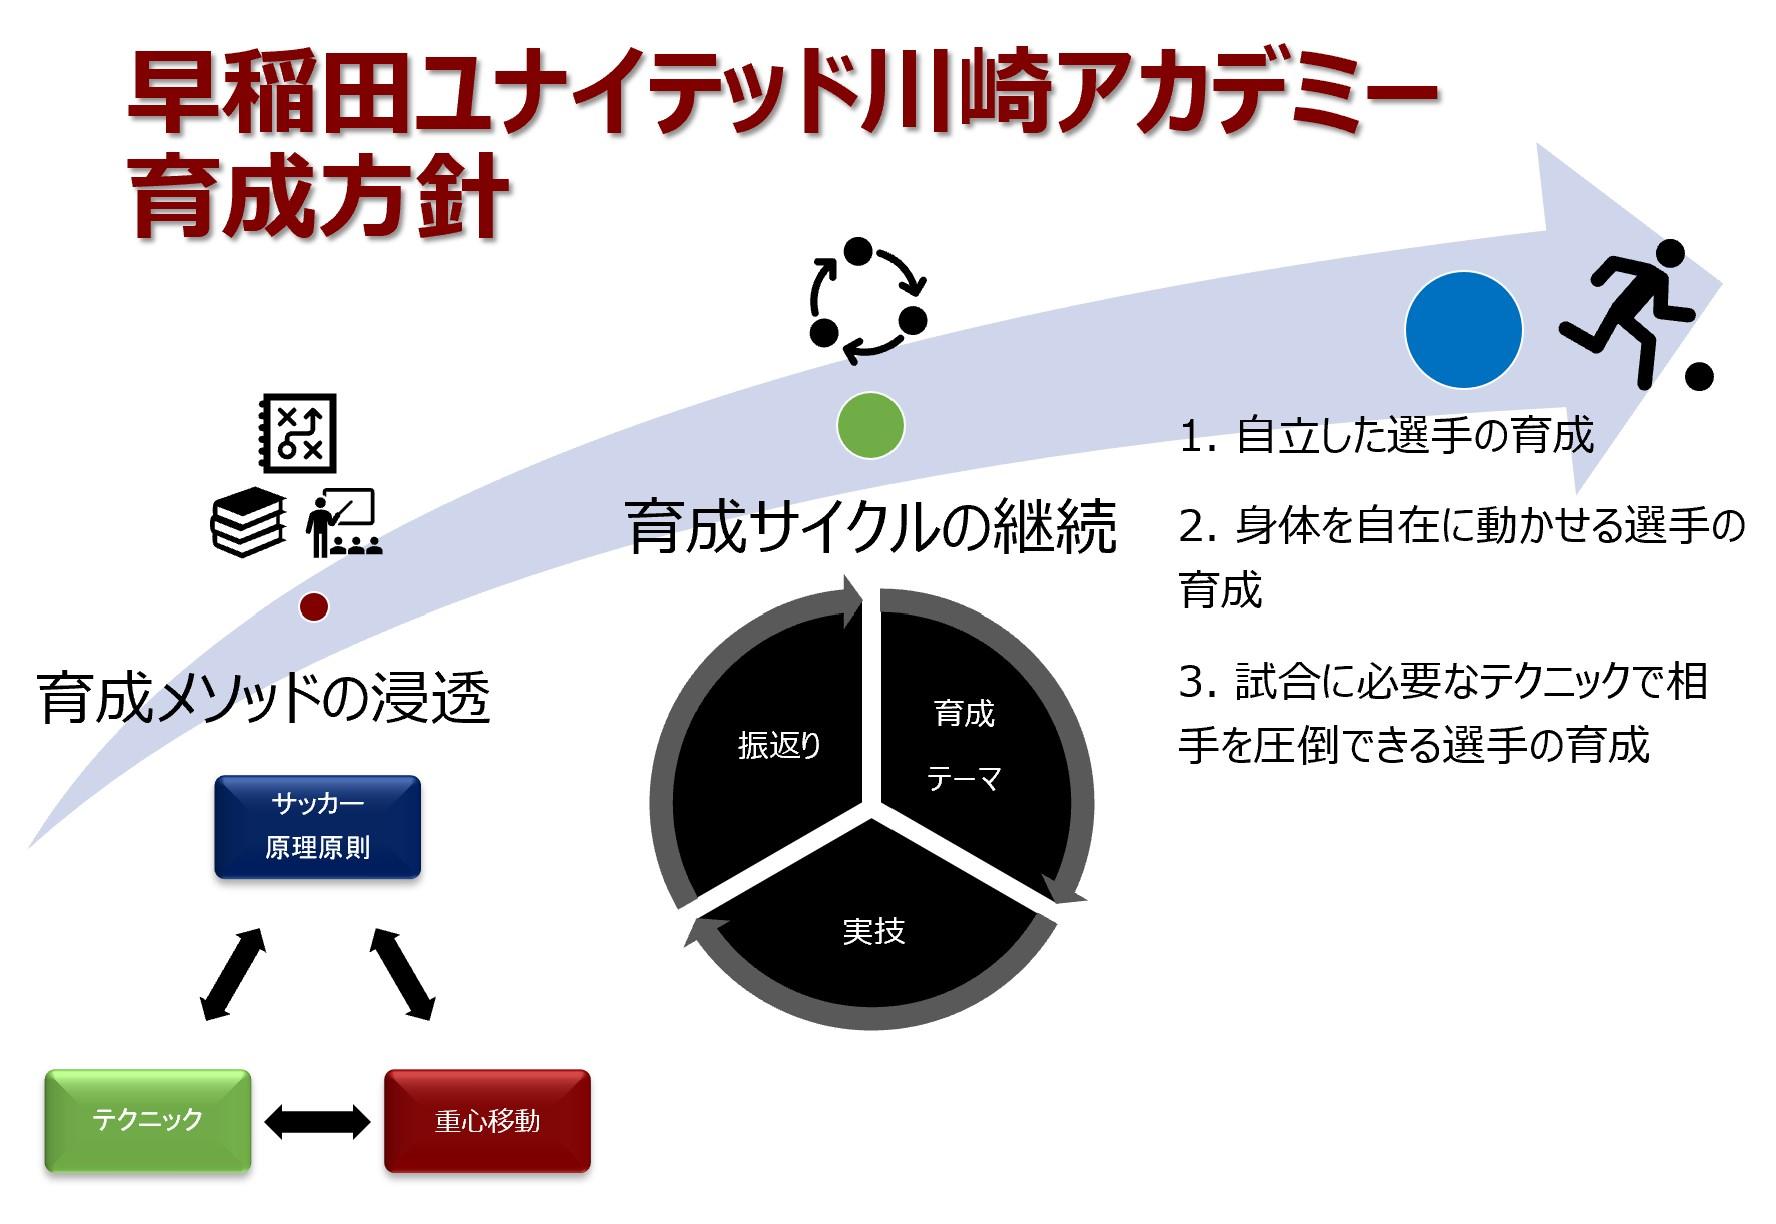 早稲田ユナイテッド川崎アカデミー育成方針_20210520